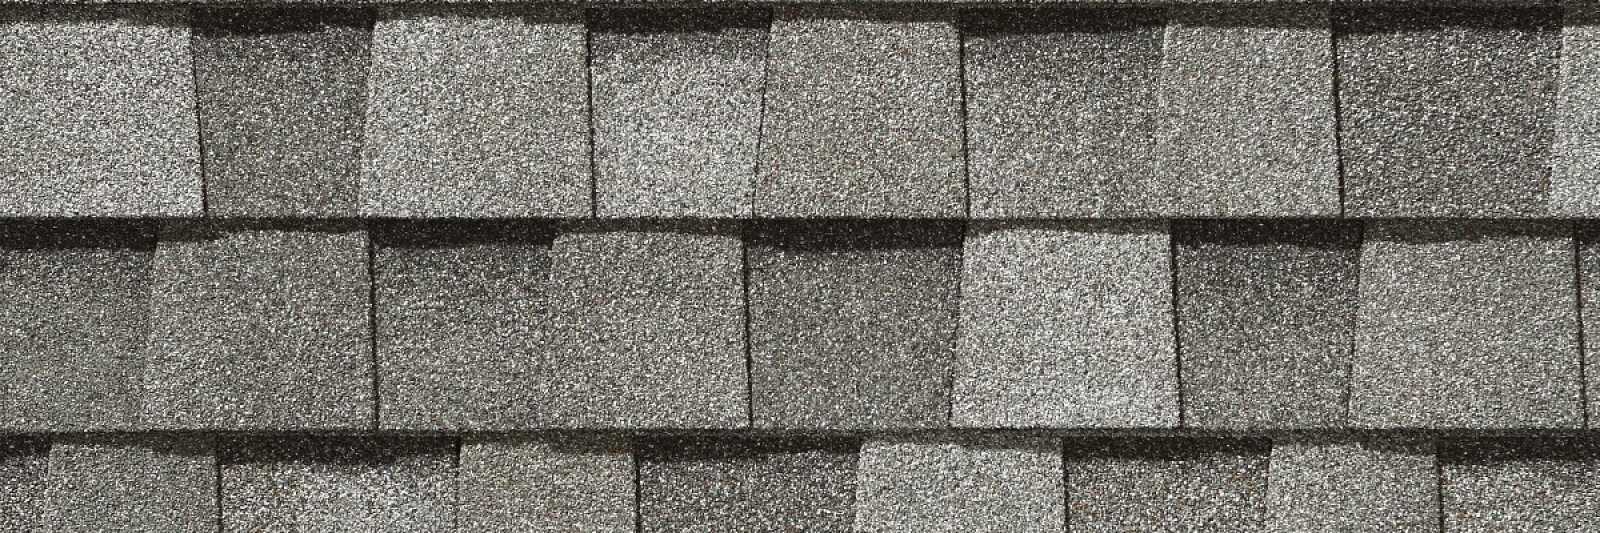 Cobblestone Gray image